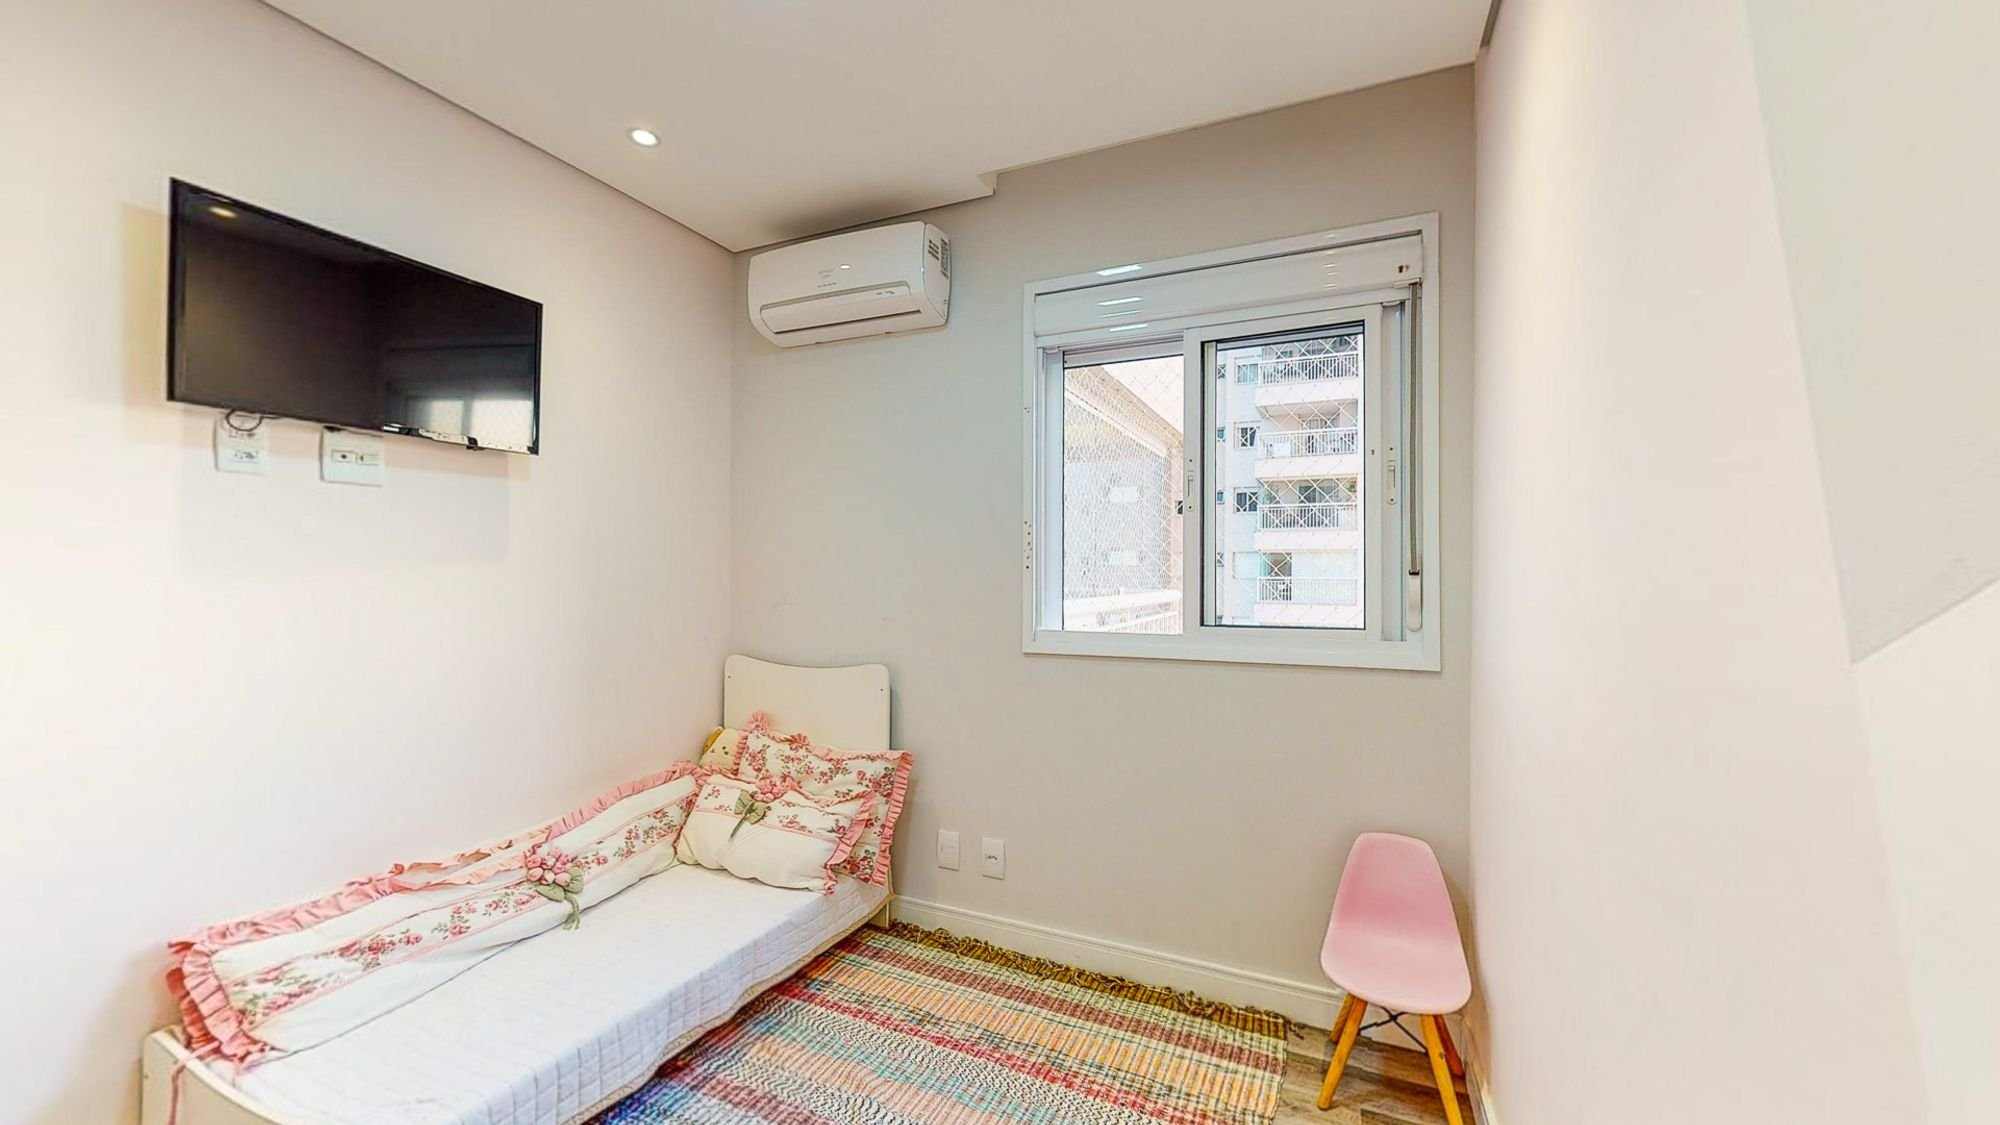 Foto de Sala com cama, televisão, cadeira